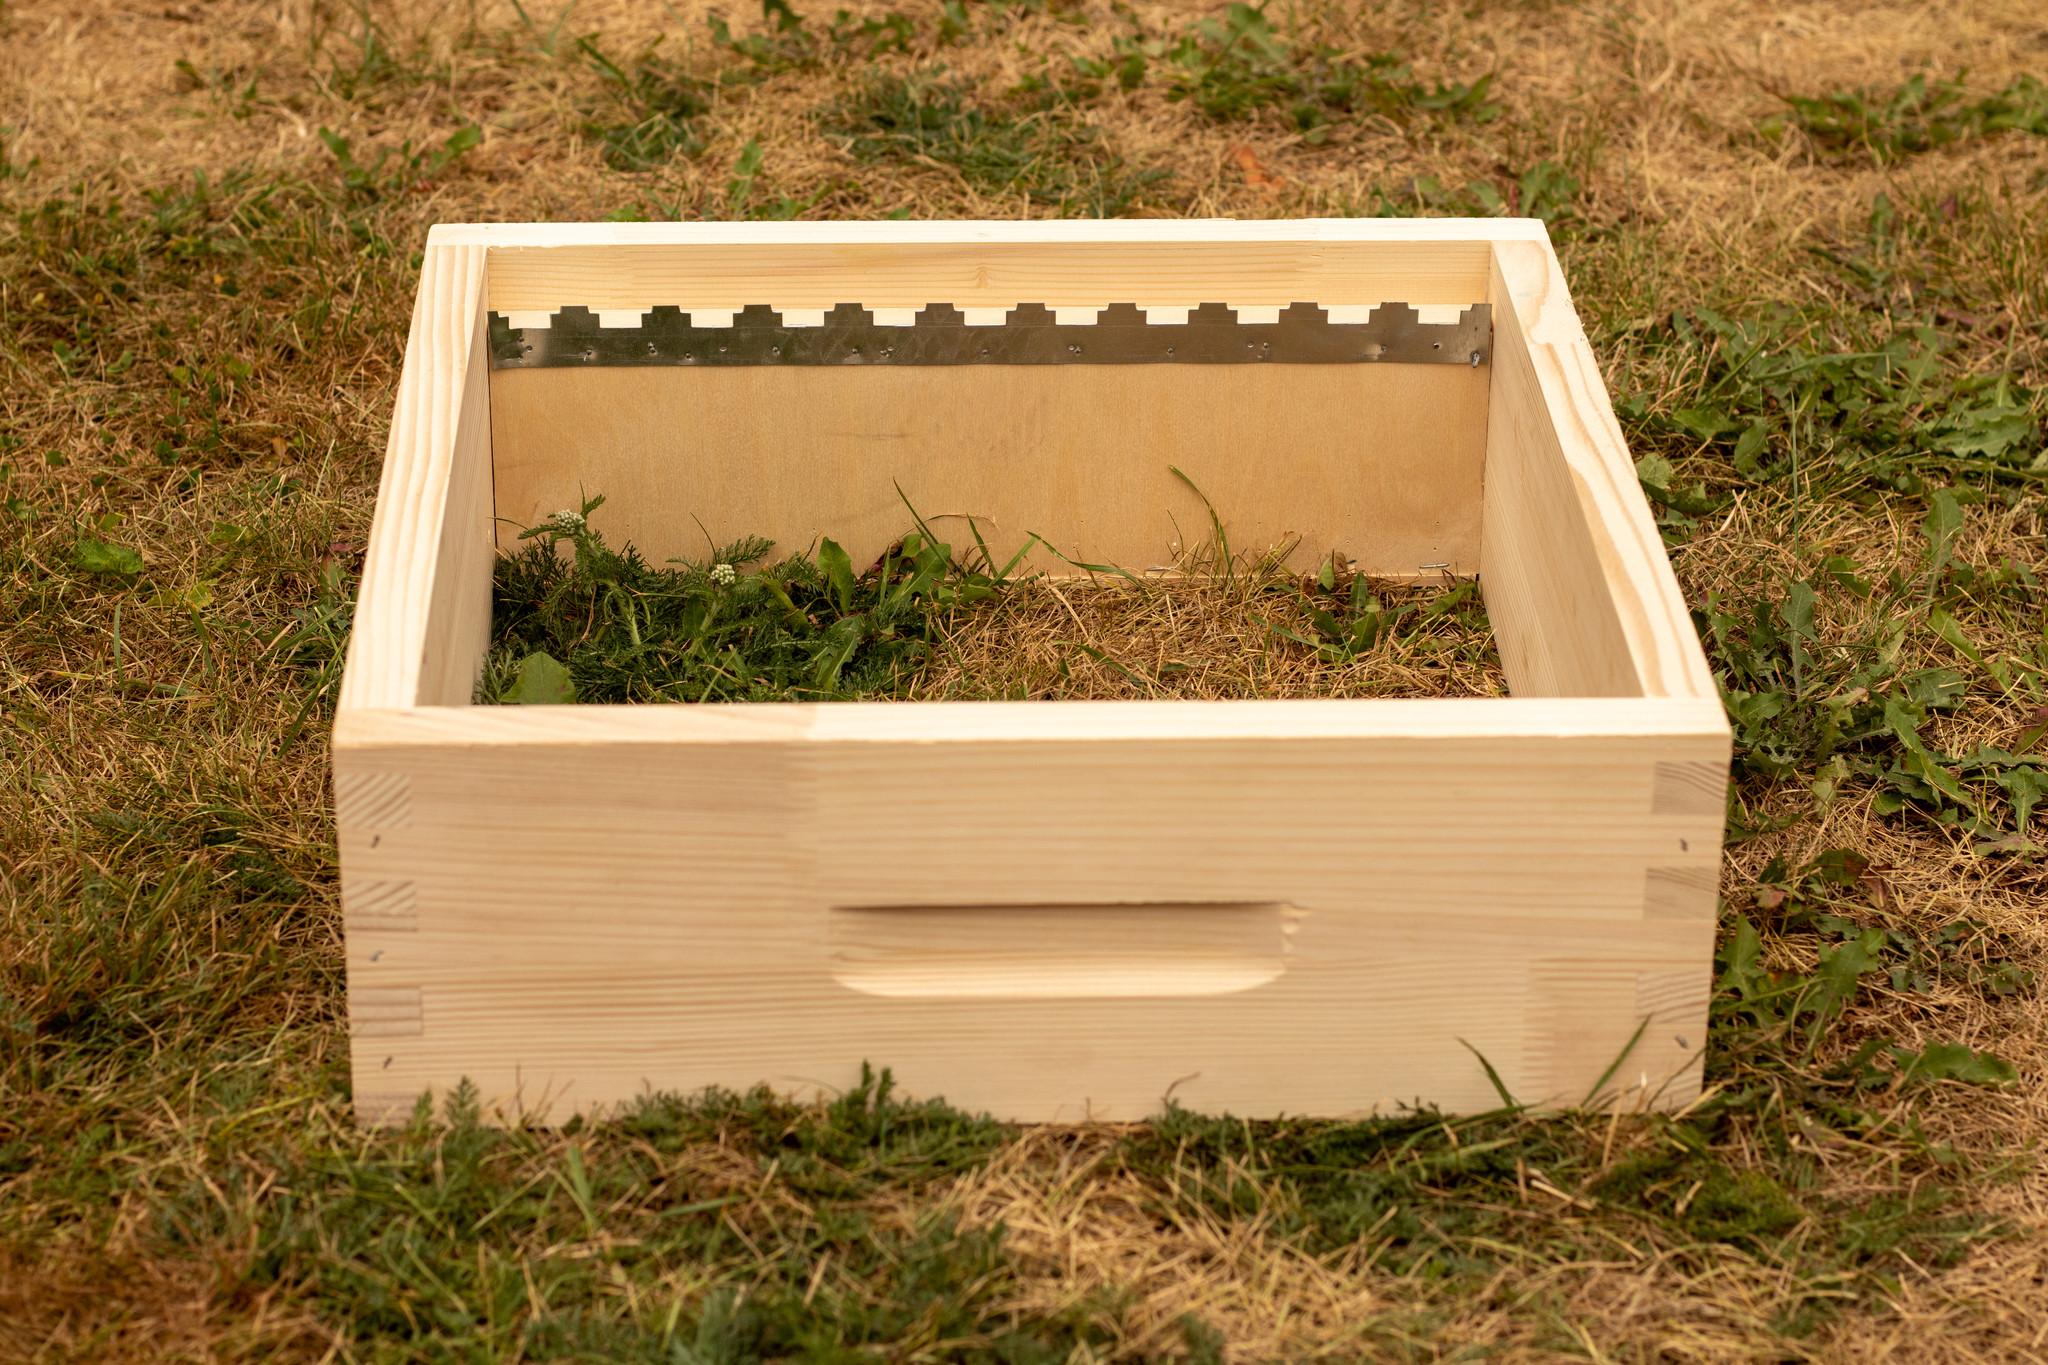 Simplex honingzolder zonder ramen - imperfectie-2